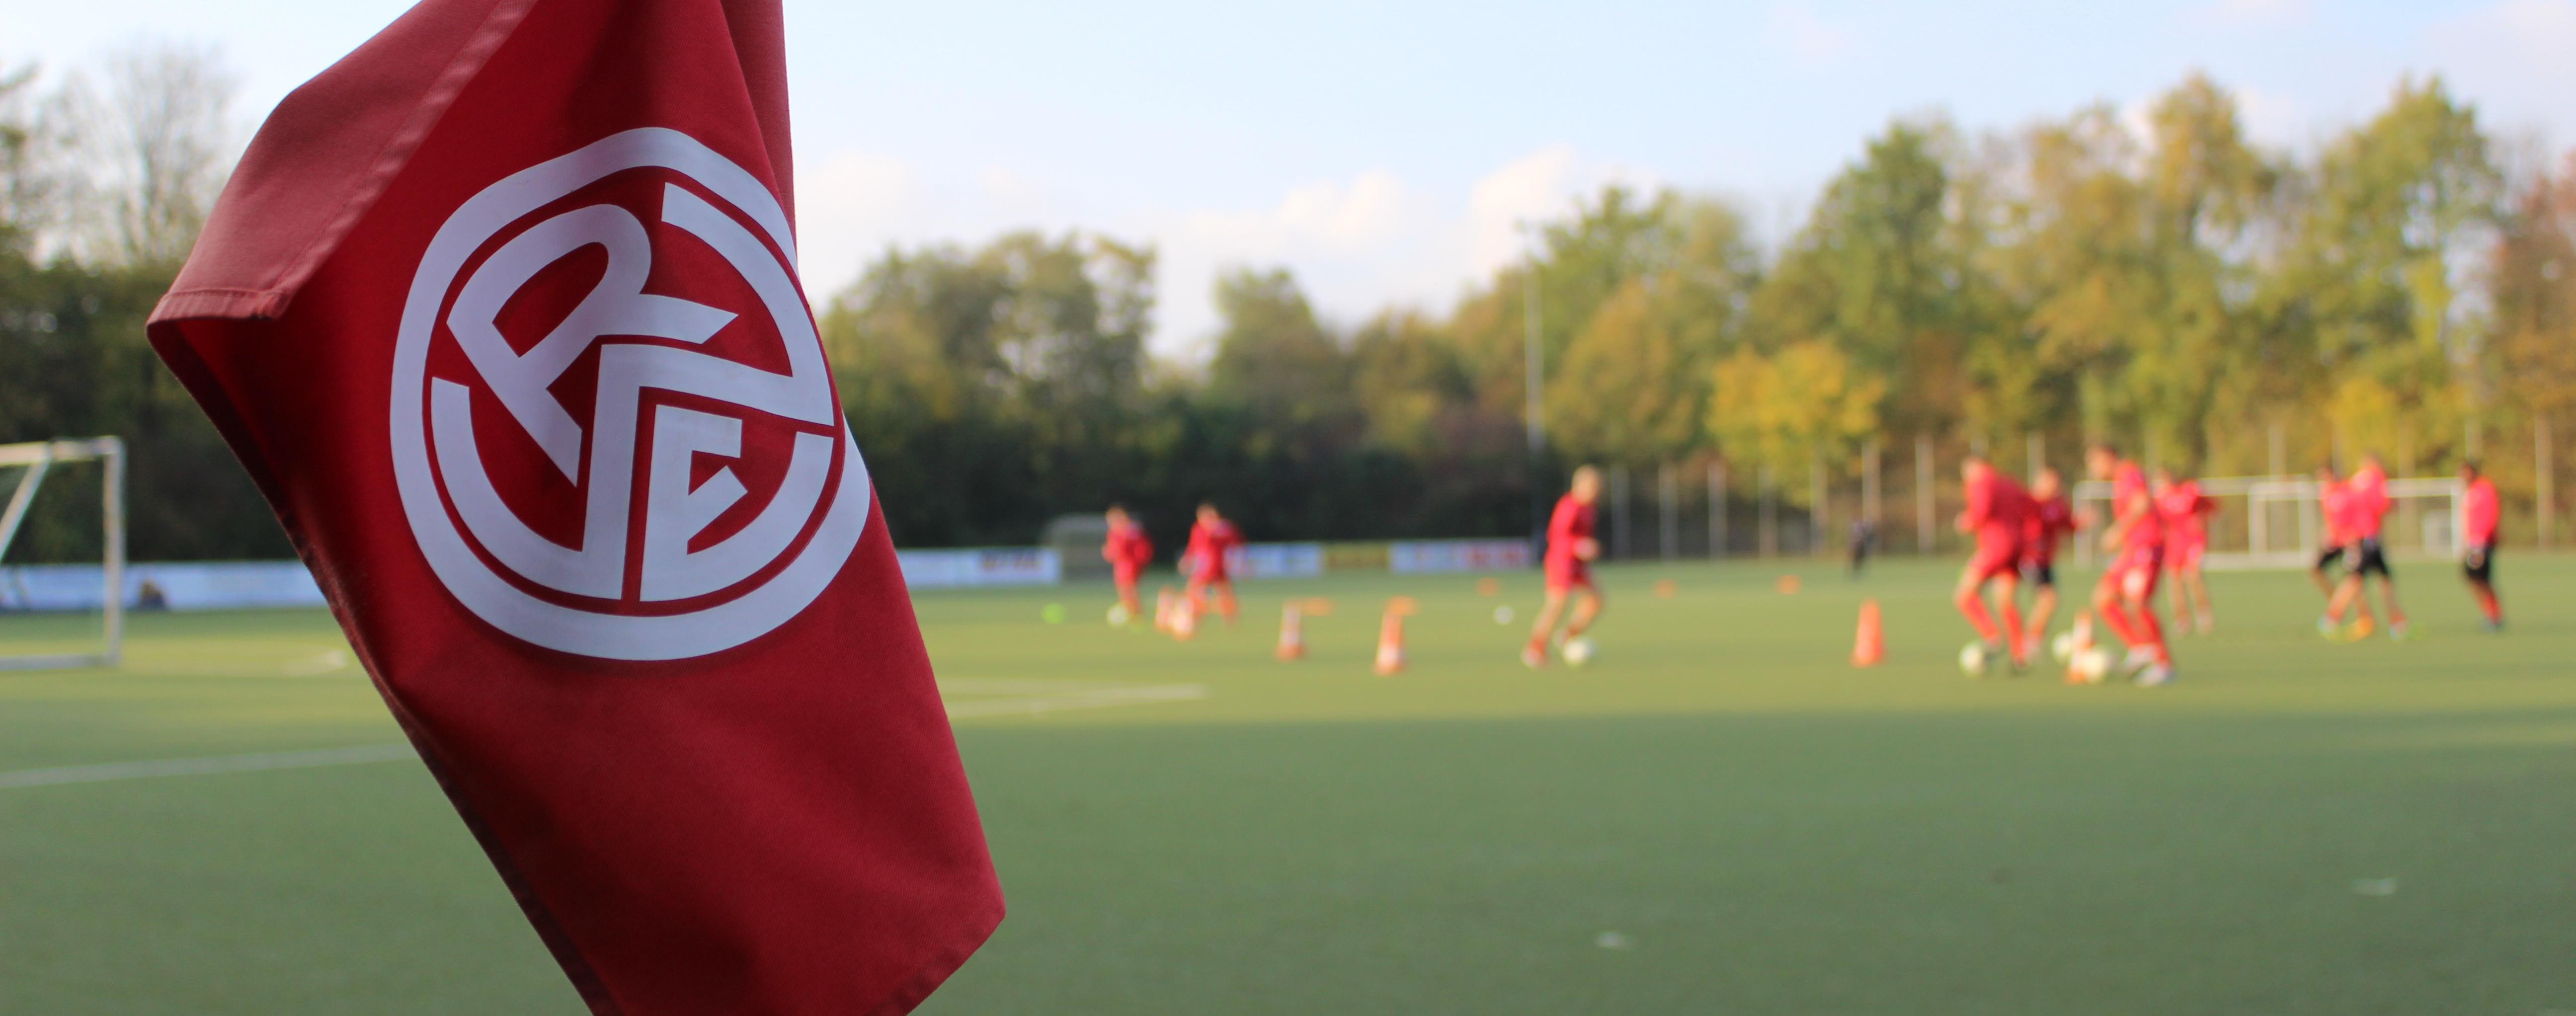 Am 8. Januar starten die Rot-Weissen mit der Wintervorbereitung.